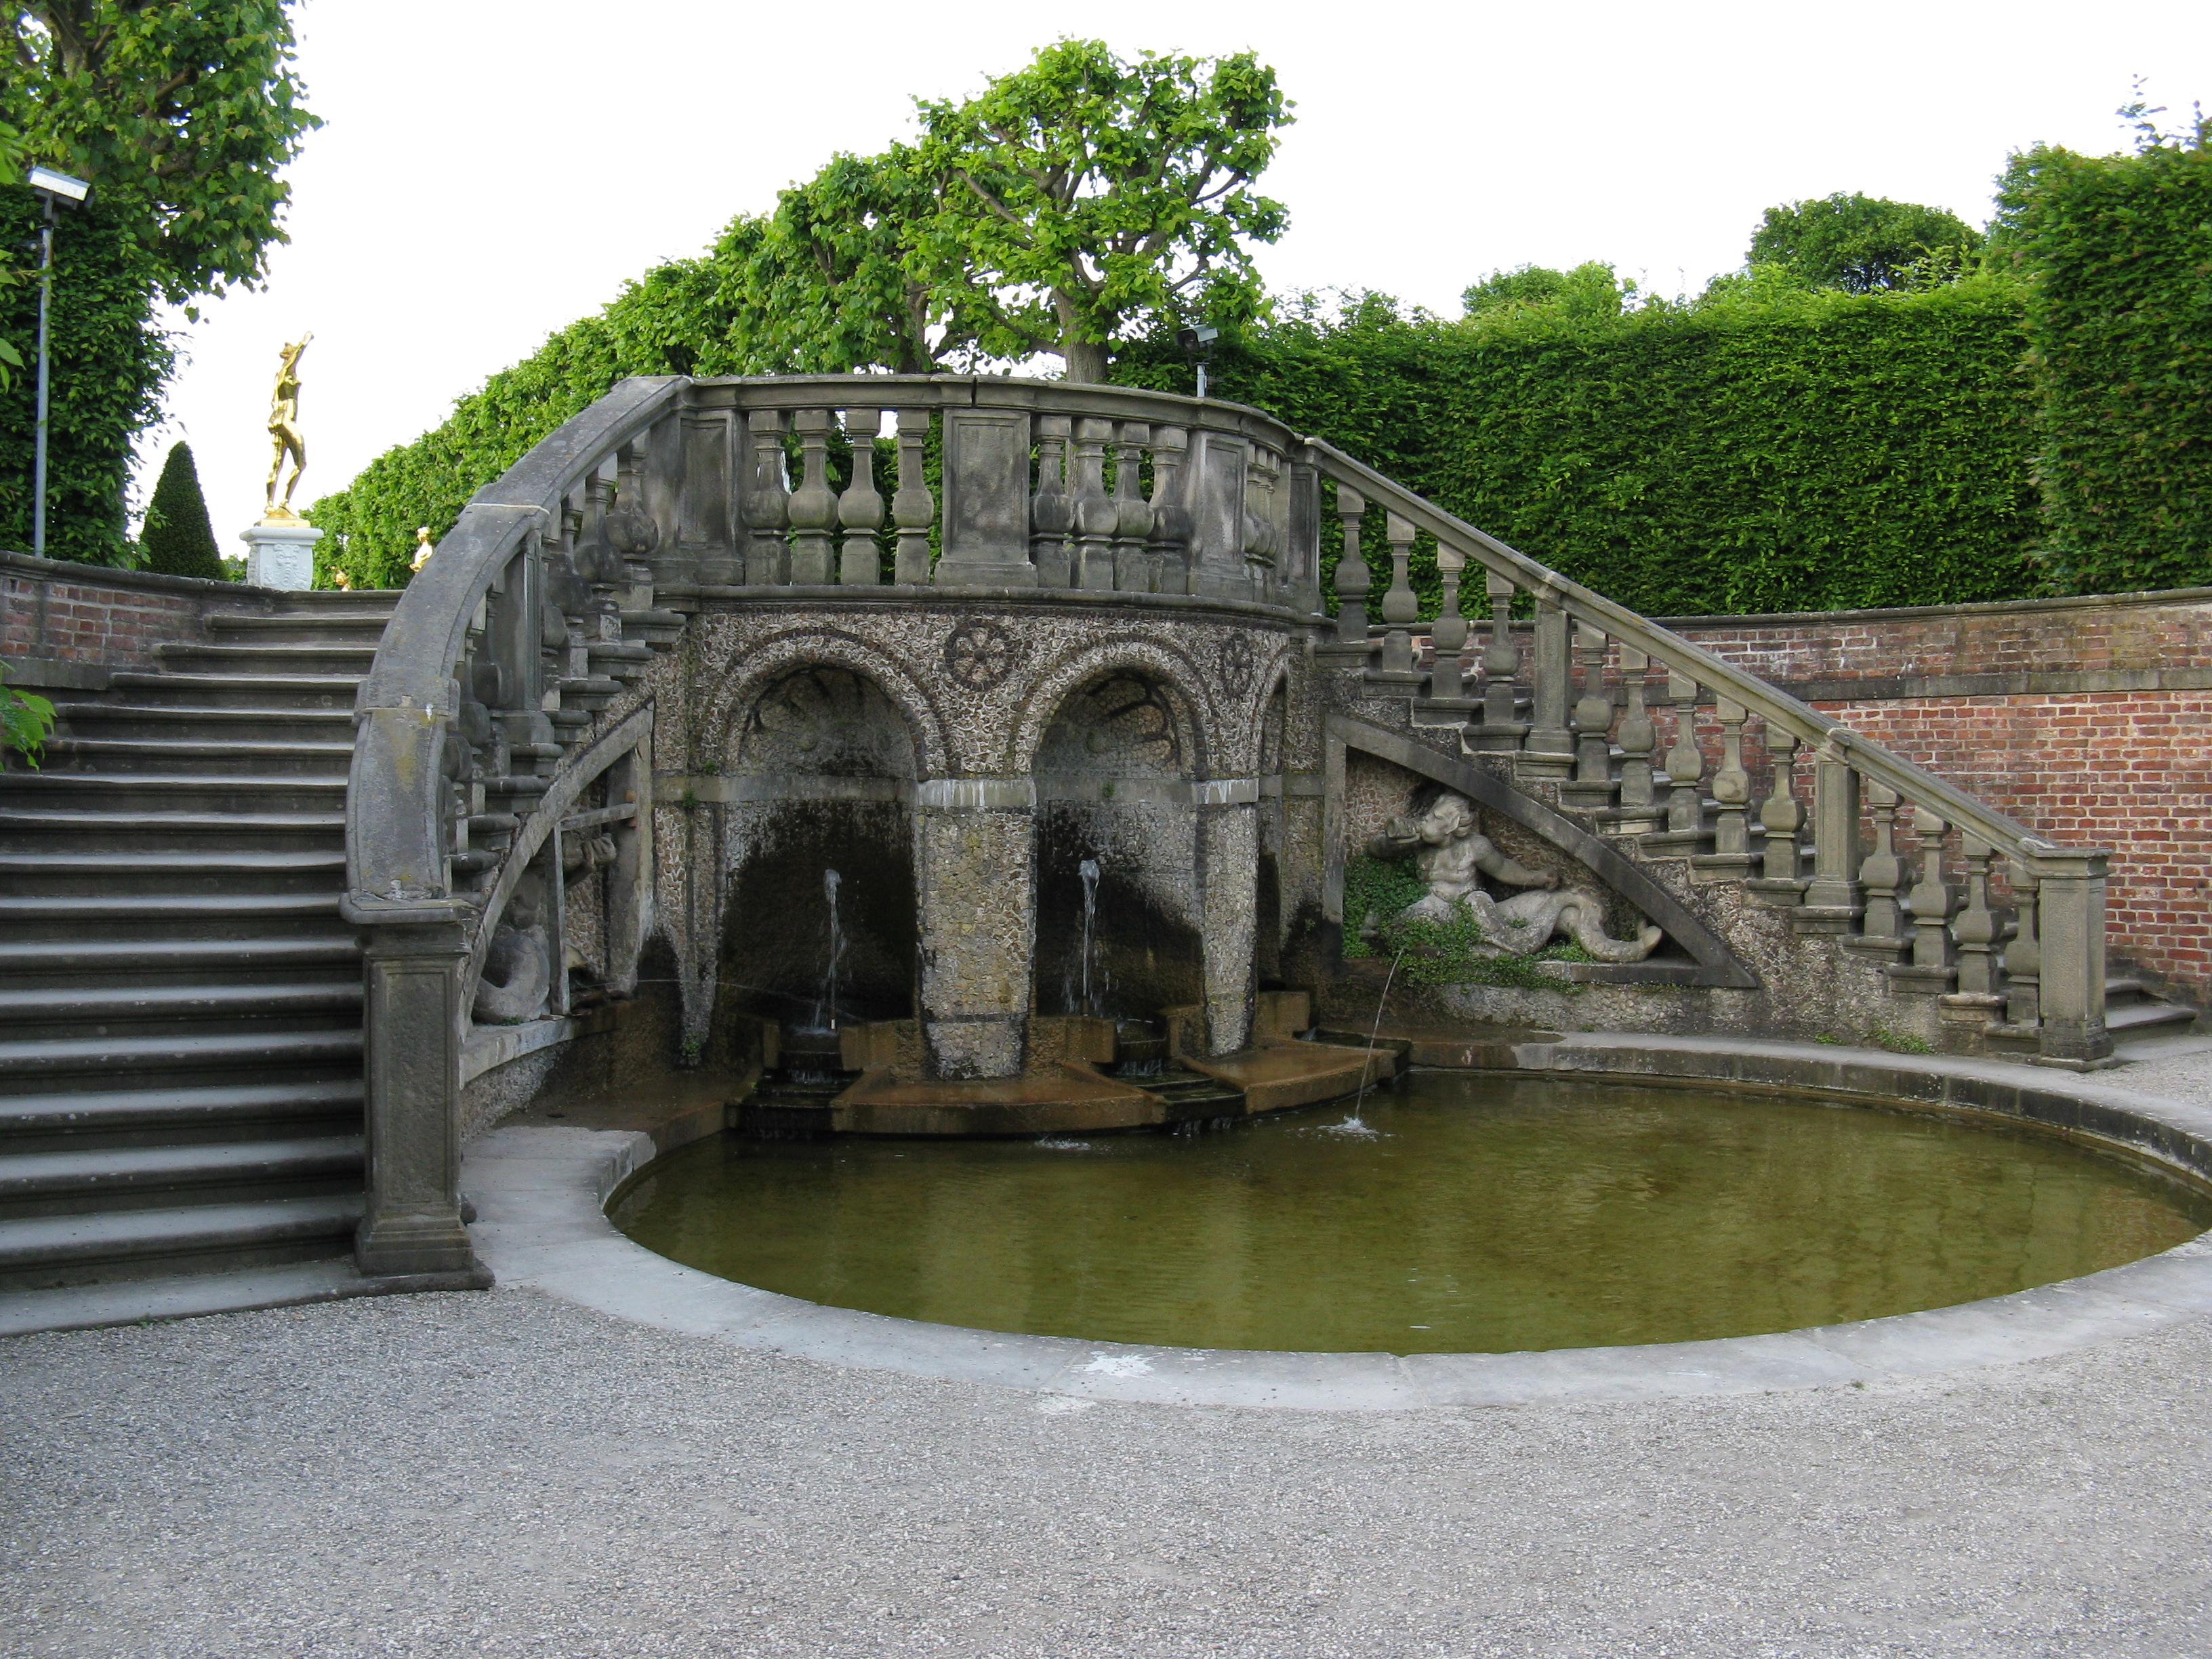 datei:hannover-herrenhausen-großer-garten-treppe-zum-theater